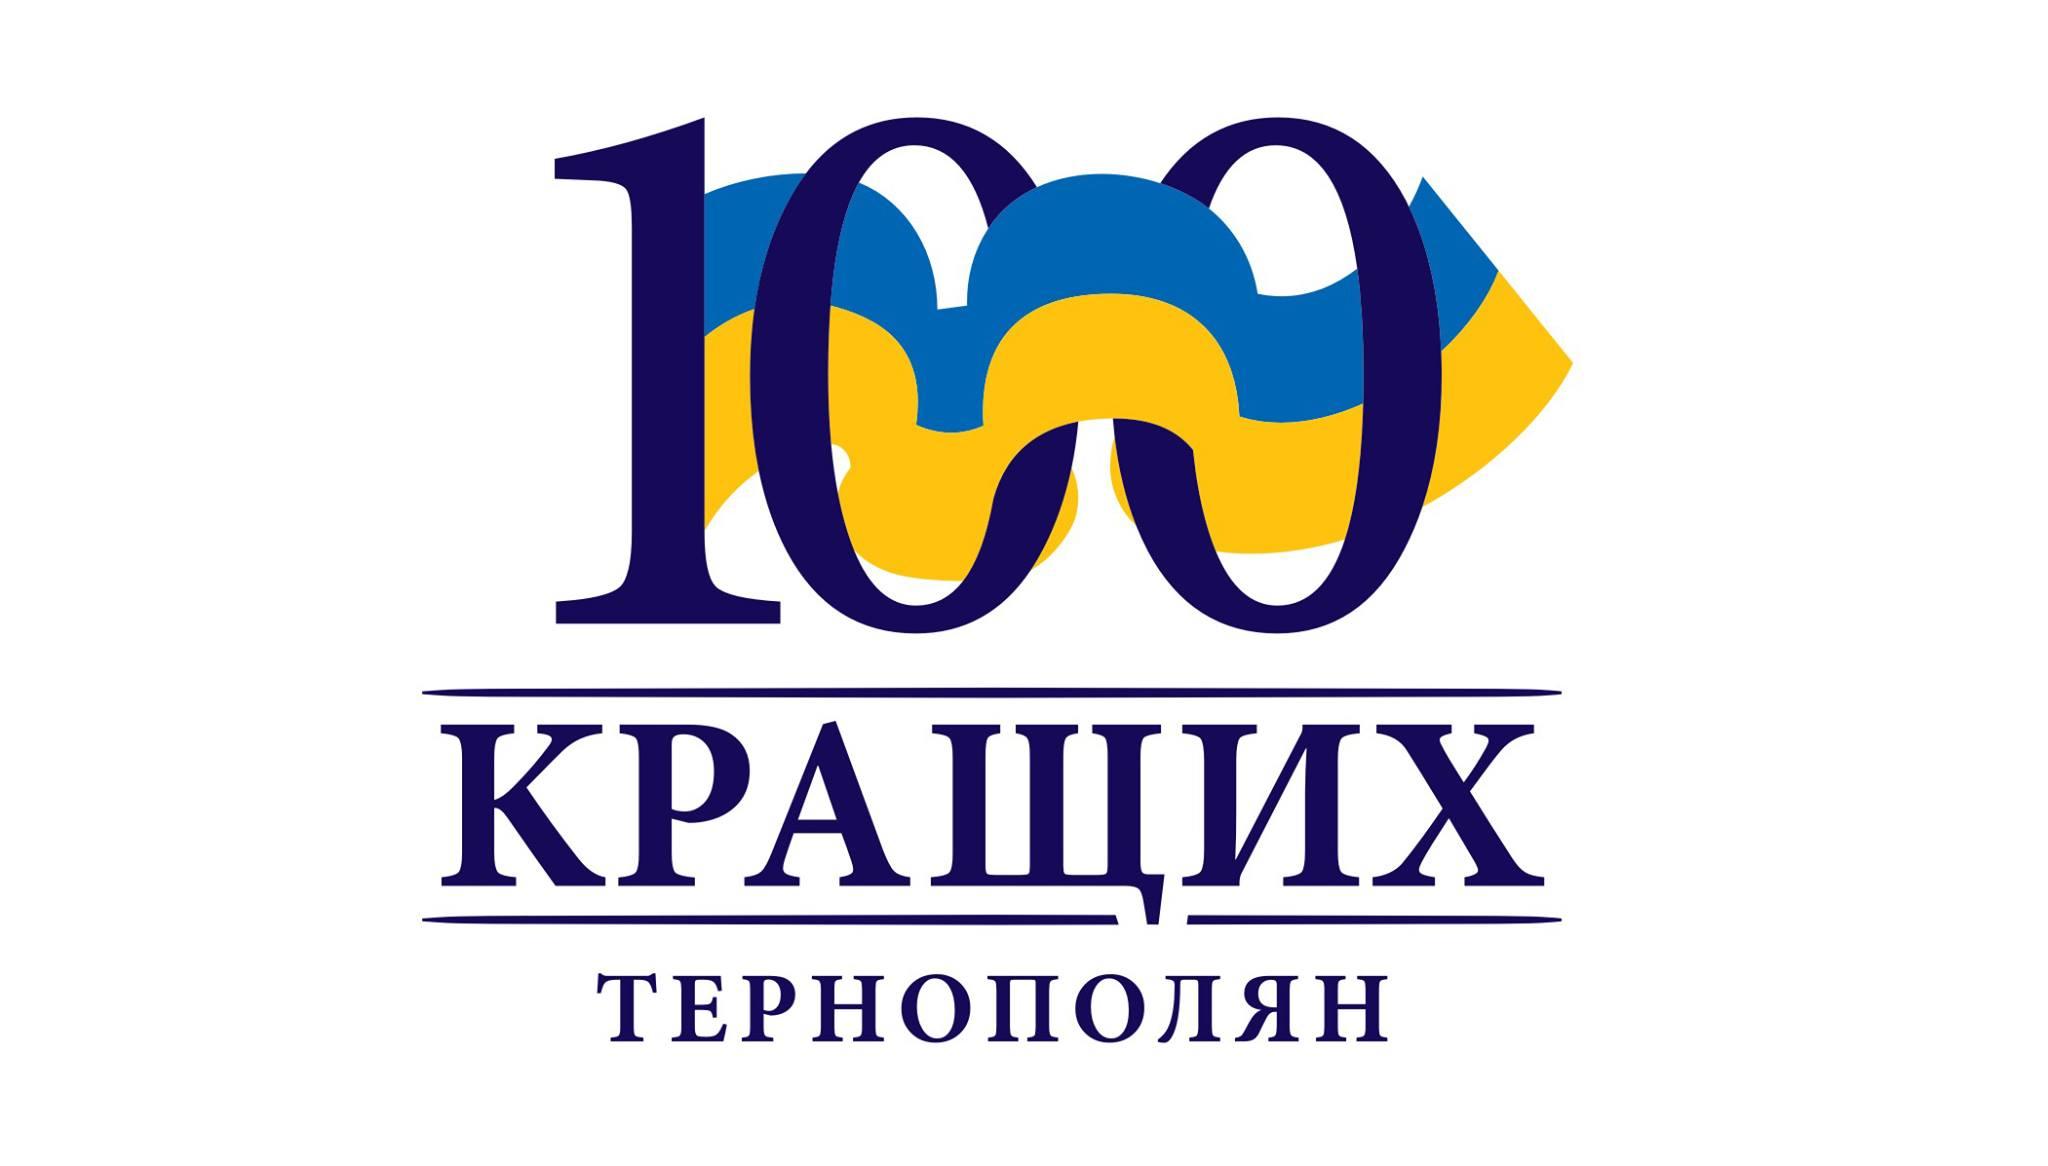 Перші результати народного праймерізу «100 кращих тернополян»